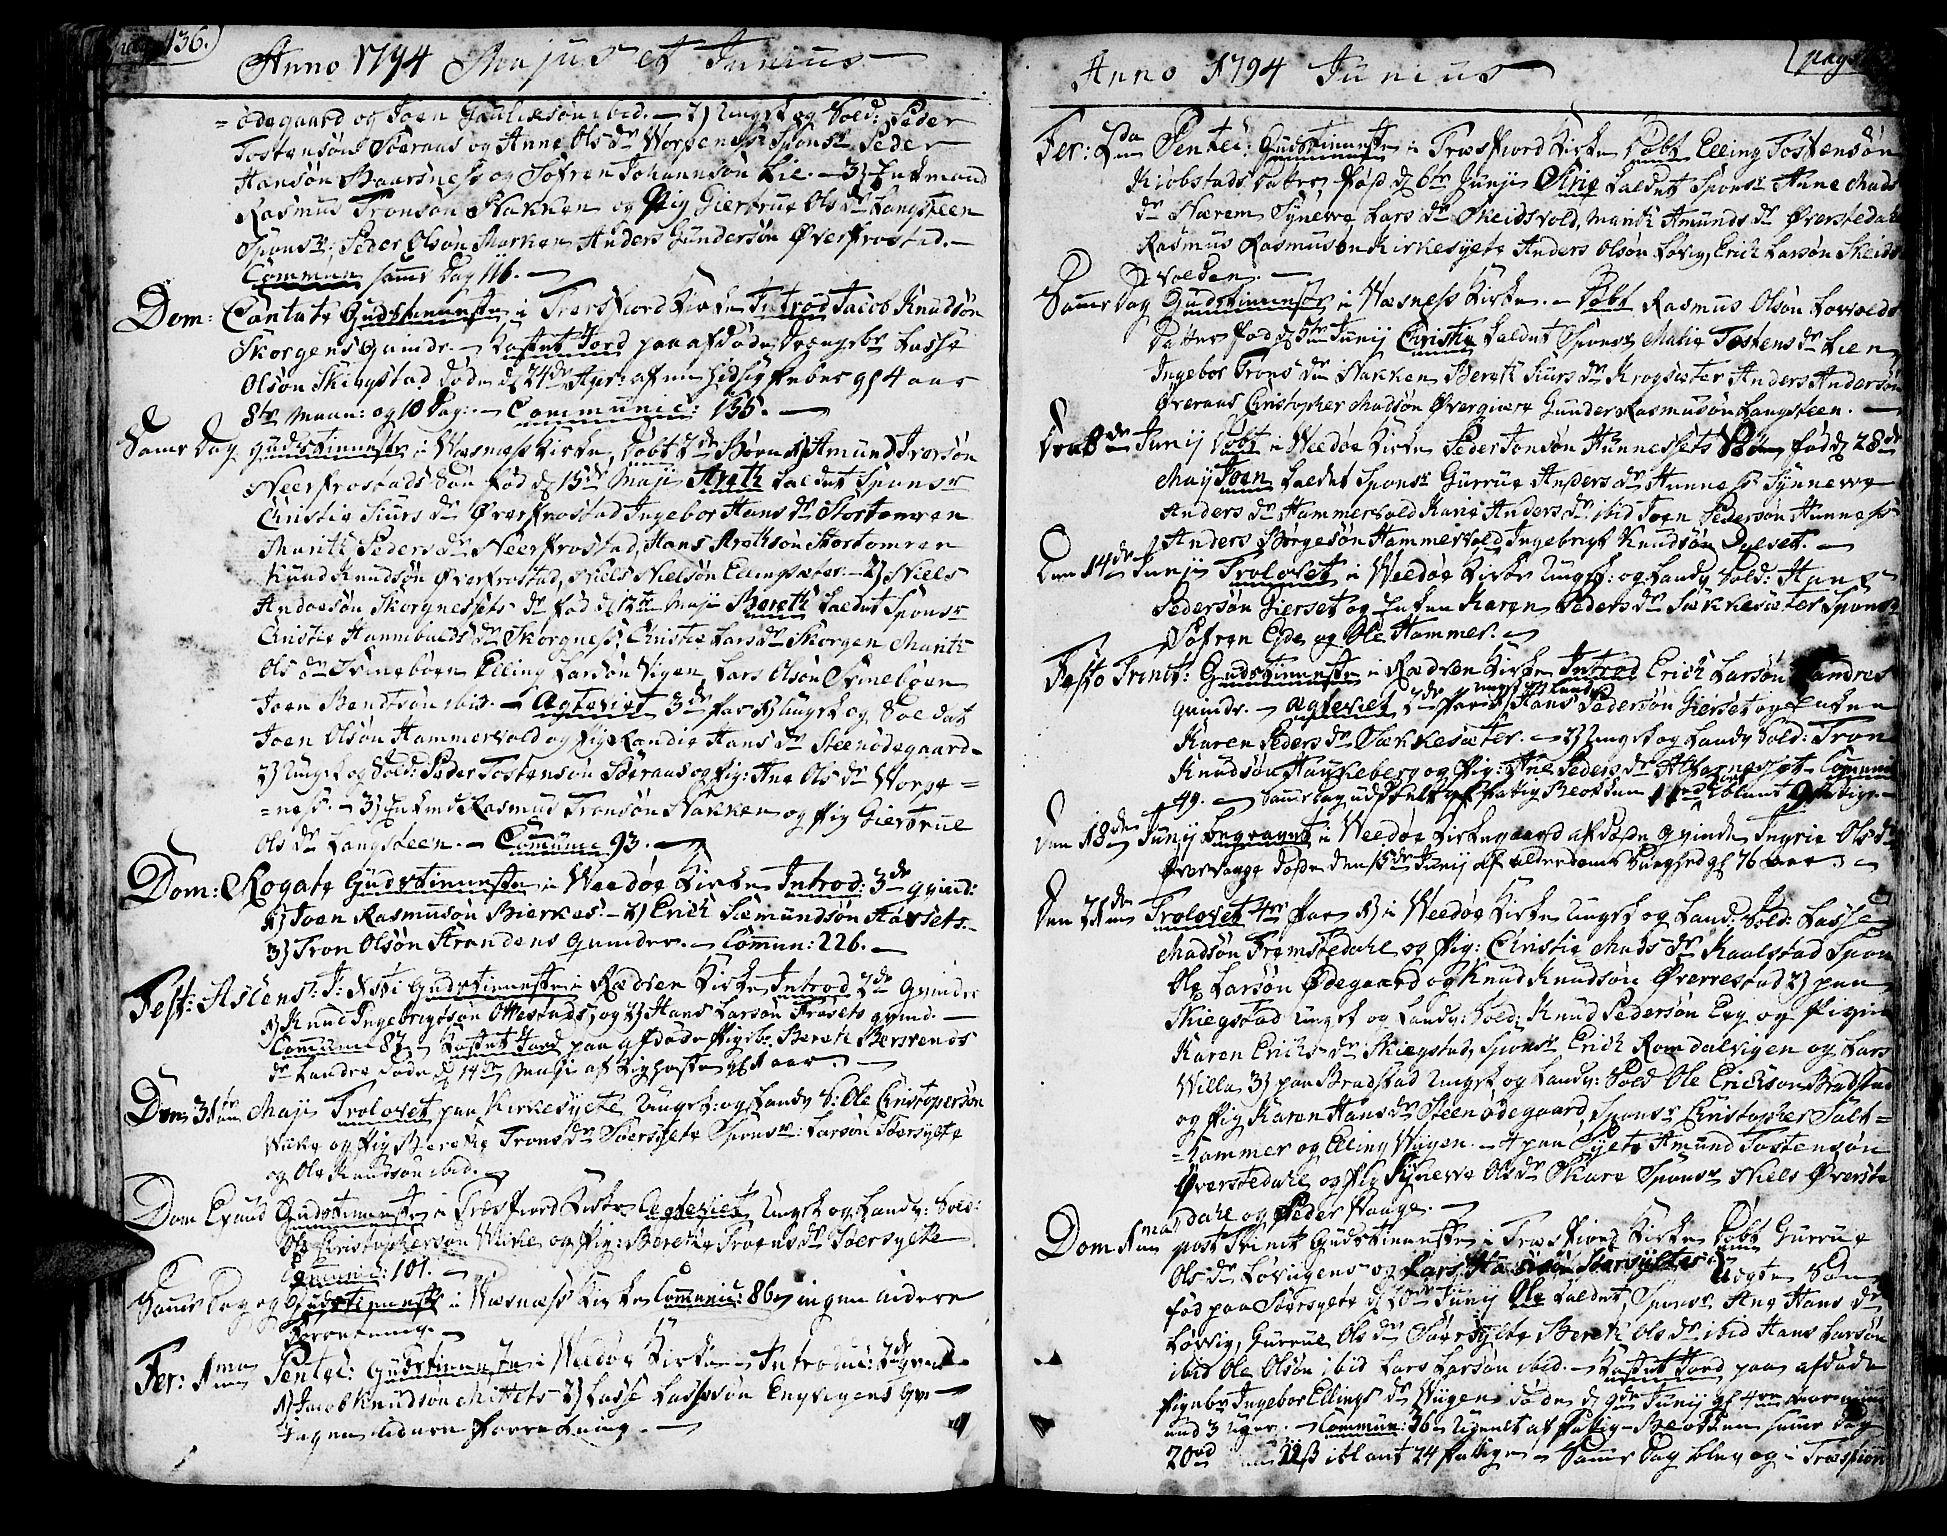 SAT, Ministerialprotokoller, klokkerbøker og fødselsregistre - Møre og Romsdal, 547/L0600: Ministerialbok nr. 547A02, 1765-1799, s. 436-437